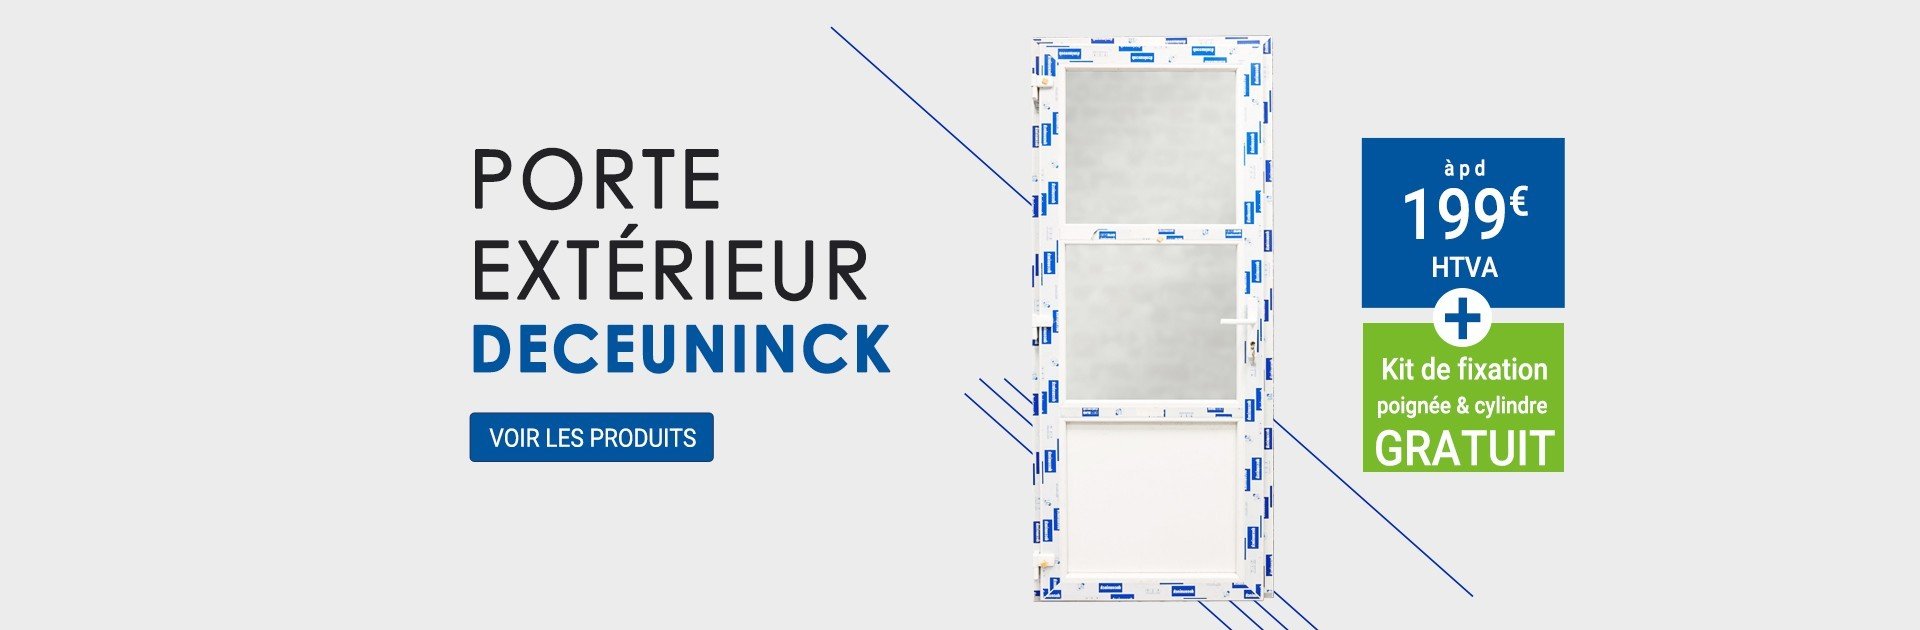 Porte extérieur Deceuninck àpd 199€ htva